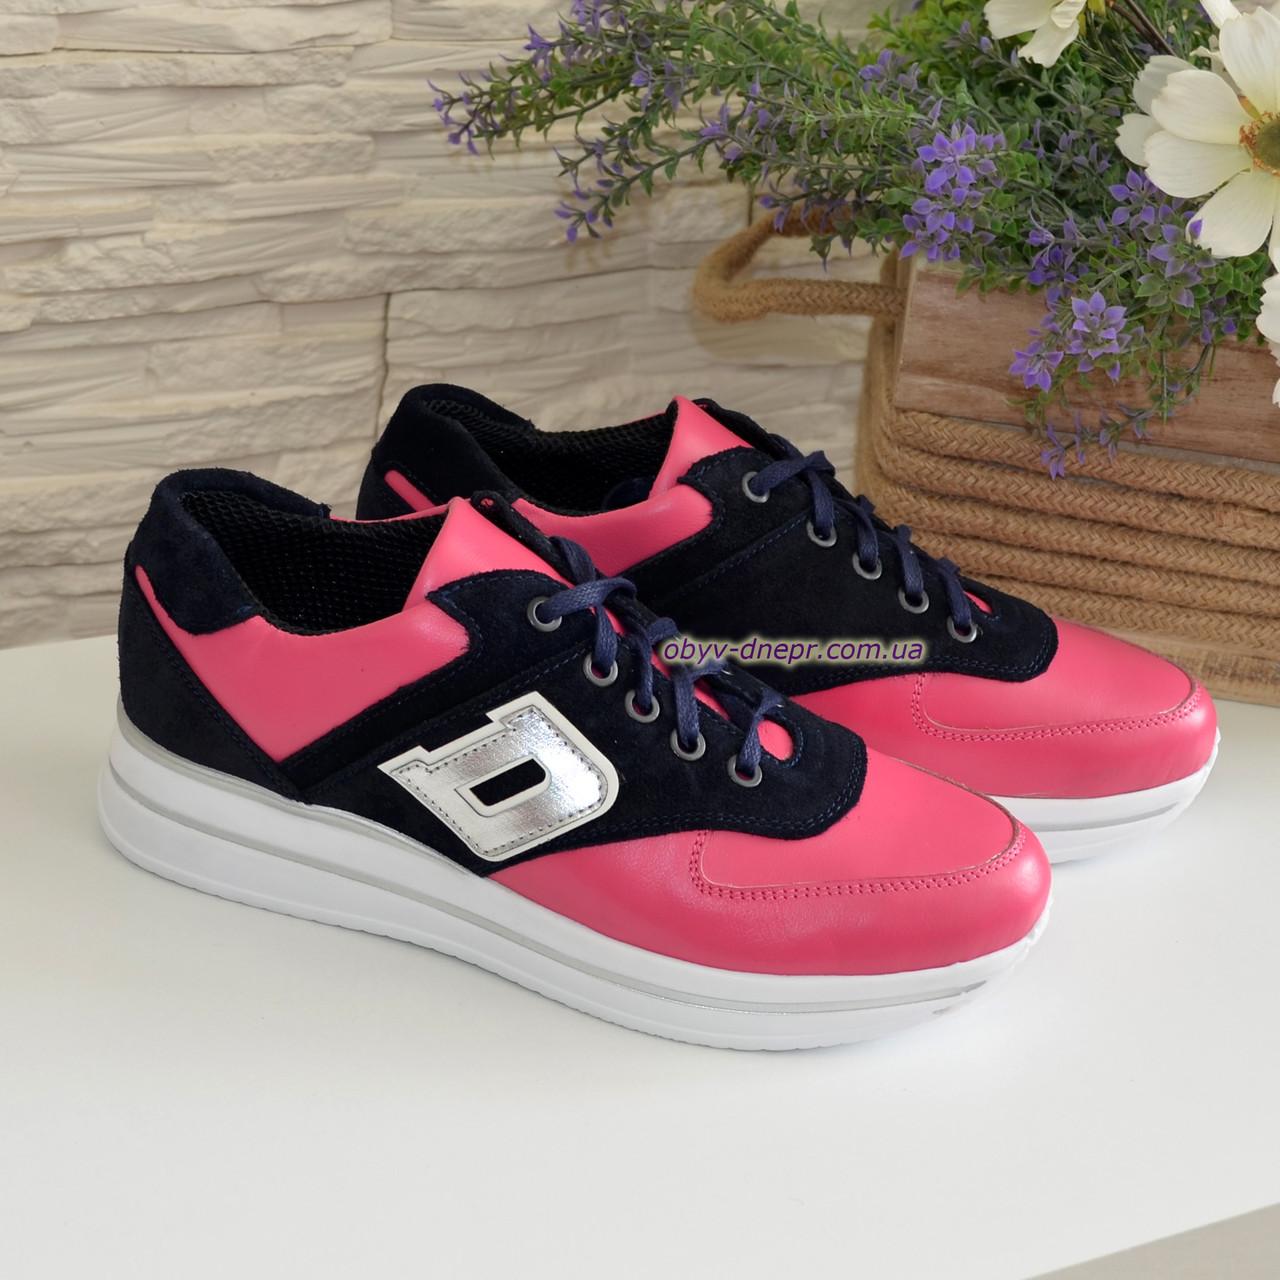 Кроссовки женские кожаные на шнуровке, цвет розовый/синий, фото 1